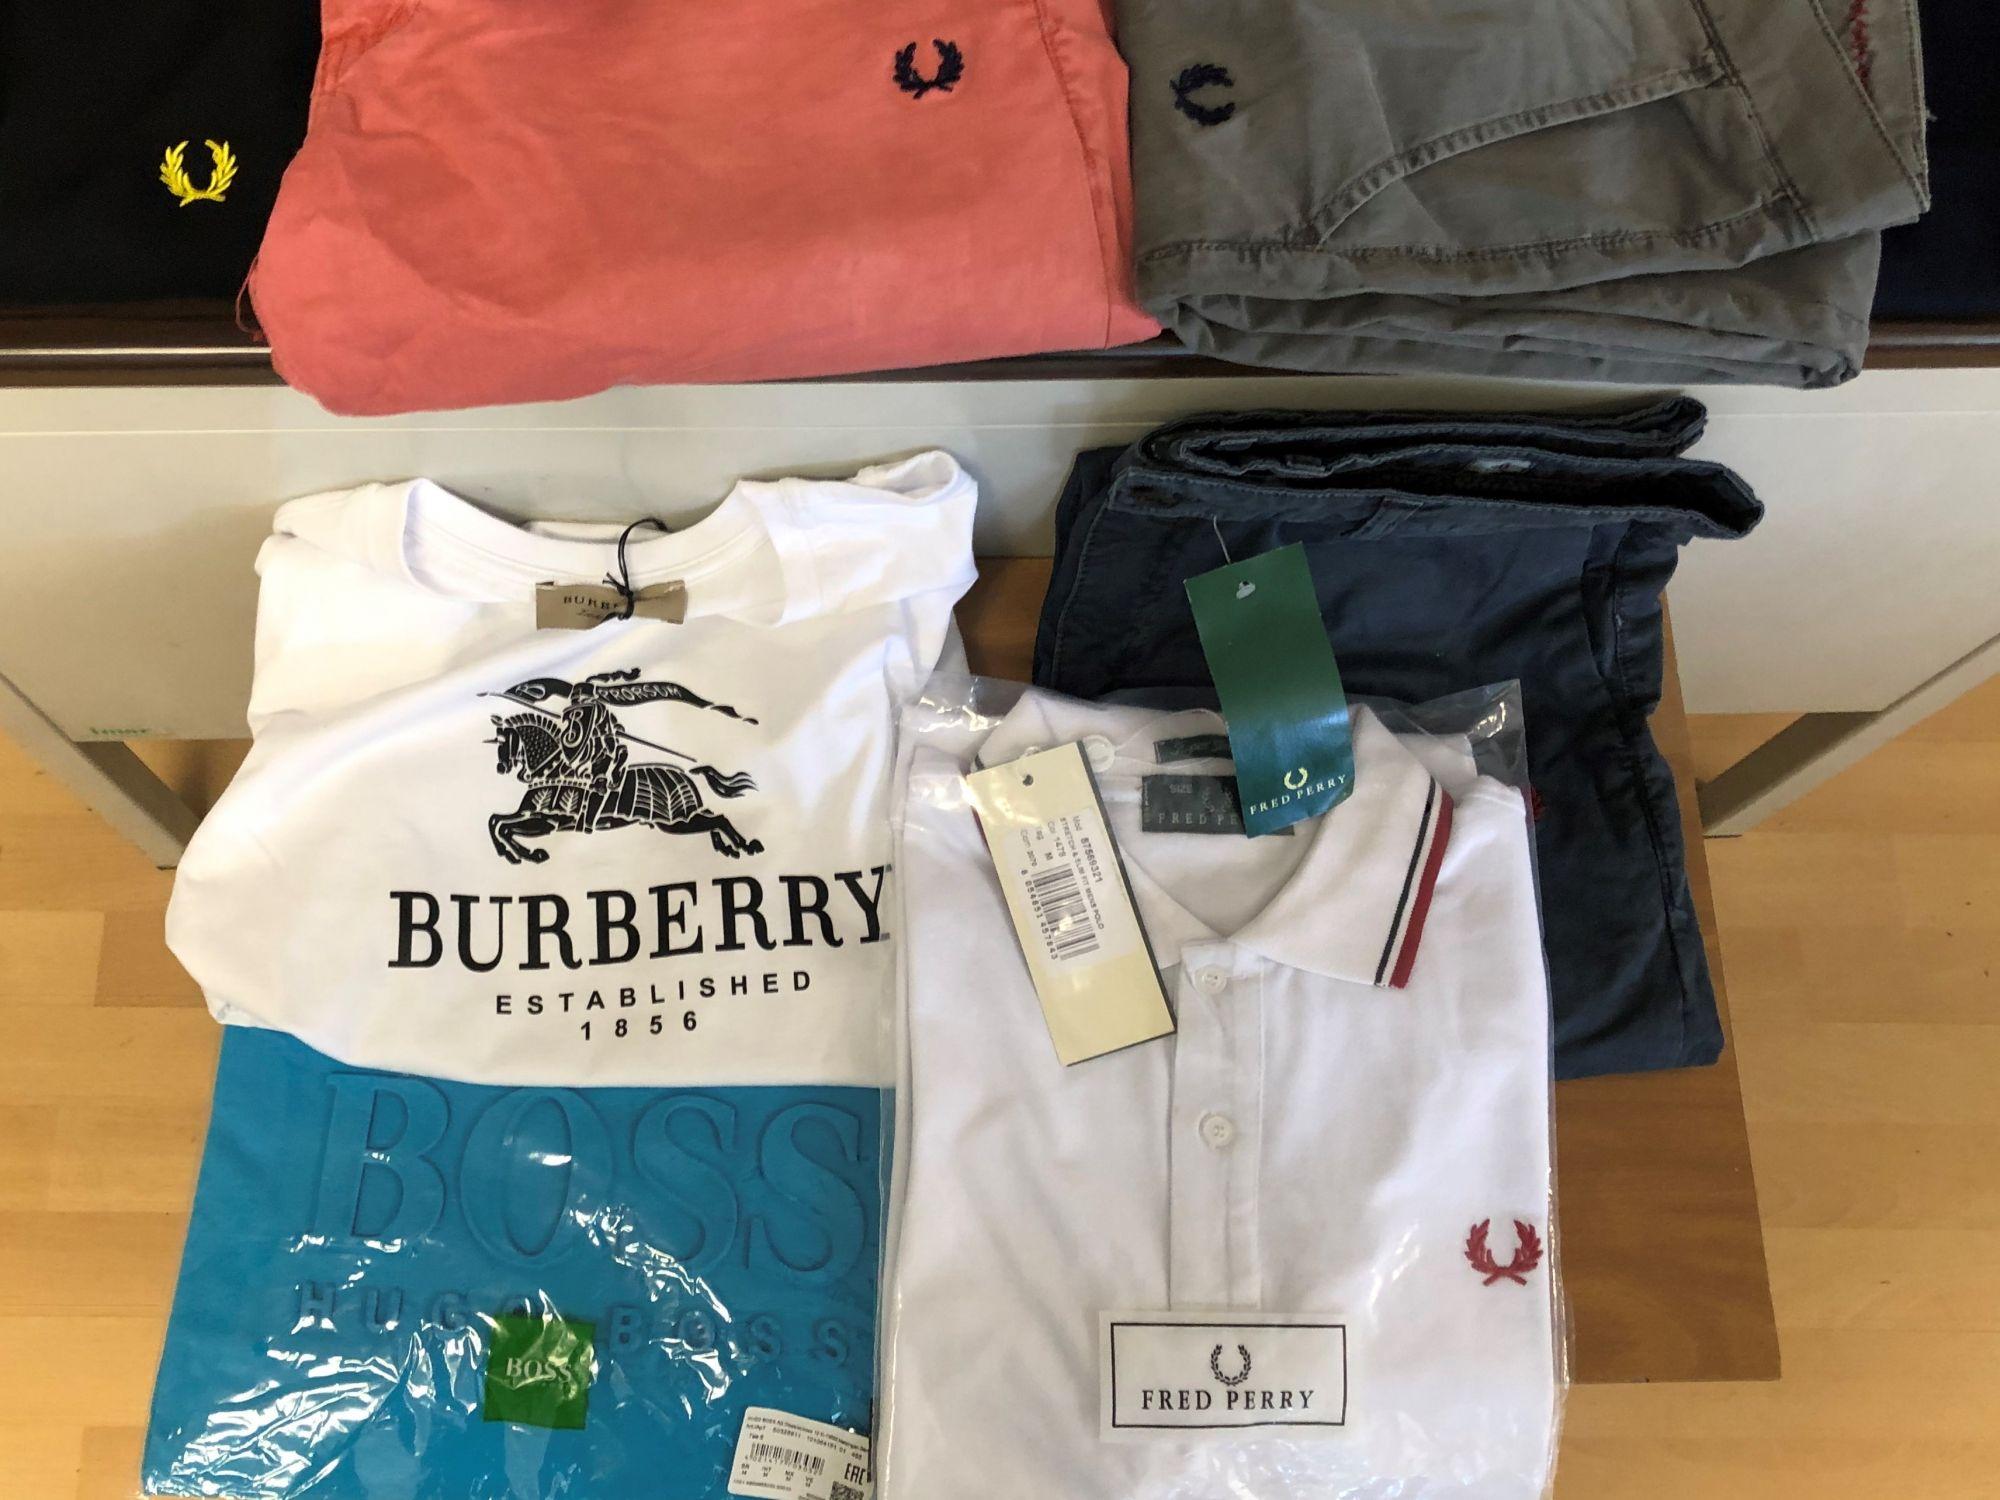 Lotta alla contraffazione, sequestrati 10.400 capi di abbigliamento ed accessori